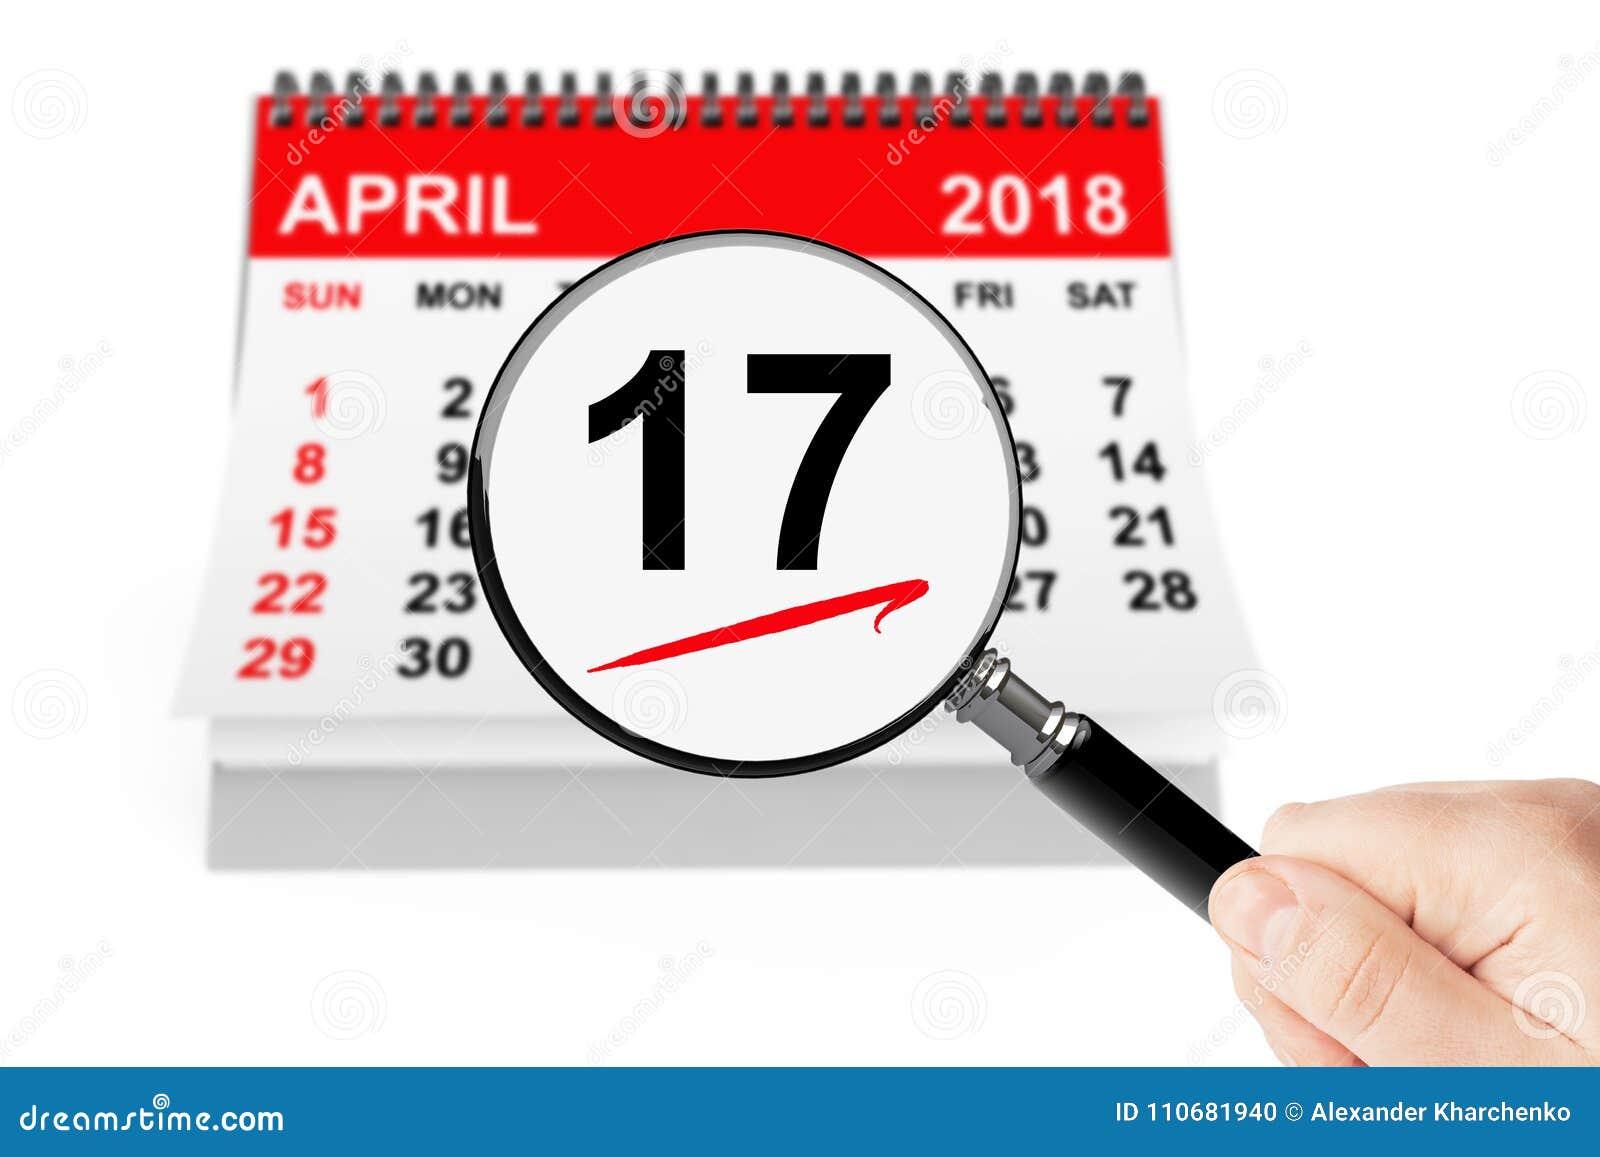 Imposta Calendario.Concetto Di Giorno Di Imposta 17 Aprile 2018 Calendario Con